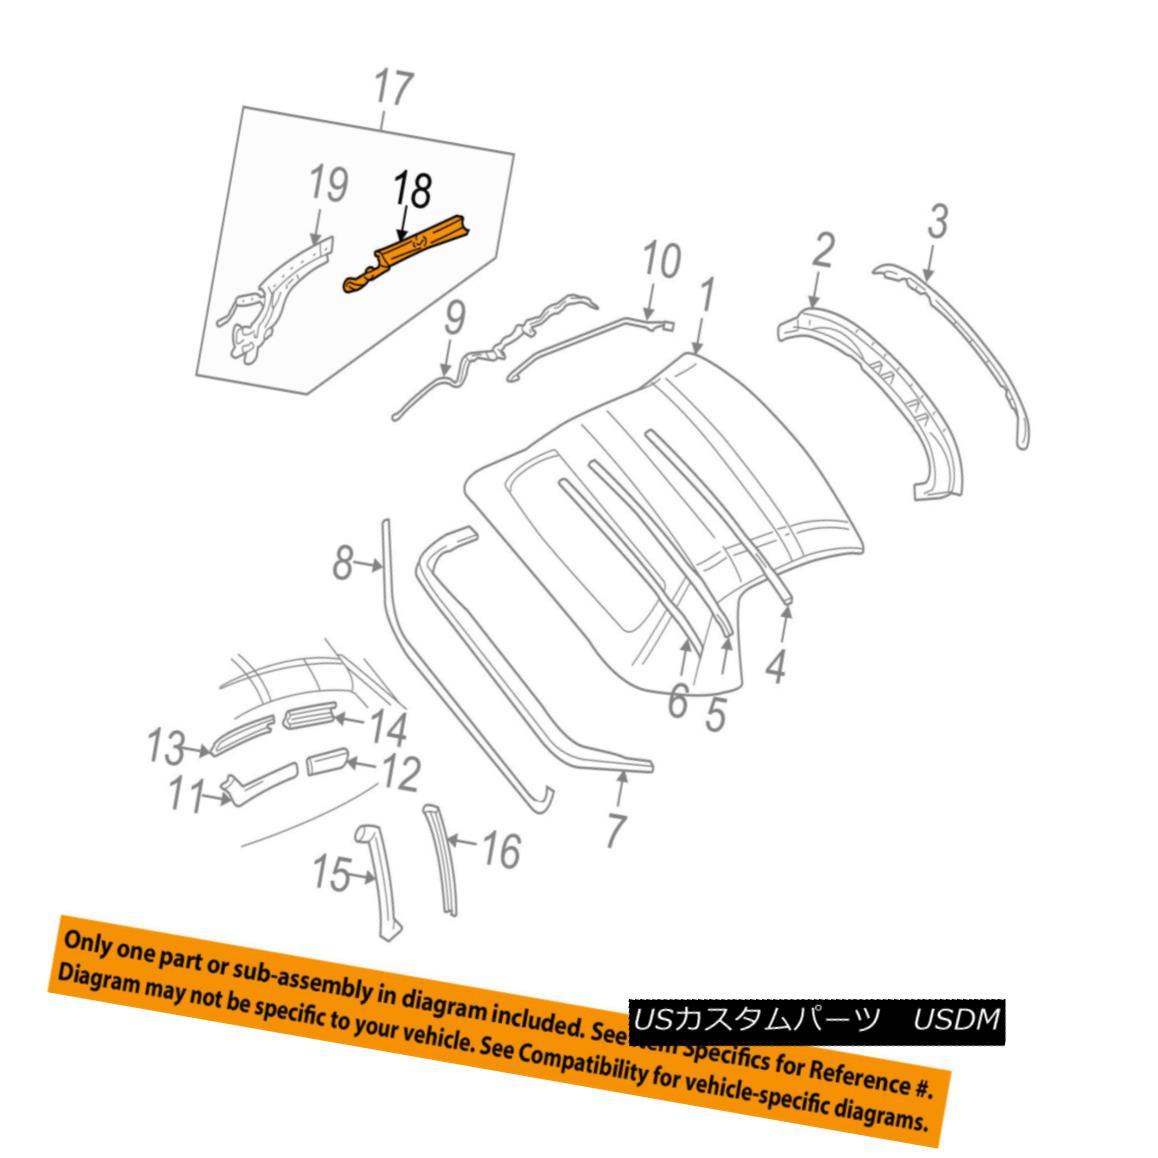 幌・ソフトトップ Chevrolet GM OEM 98-04 Corvette Convertible/soft Top-Rail Left 88953885 シボレーGM OEM 98-04コルベット・コンバーチブル/ so ftトップレール左88953885